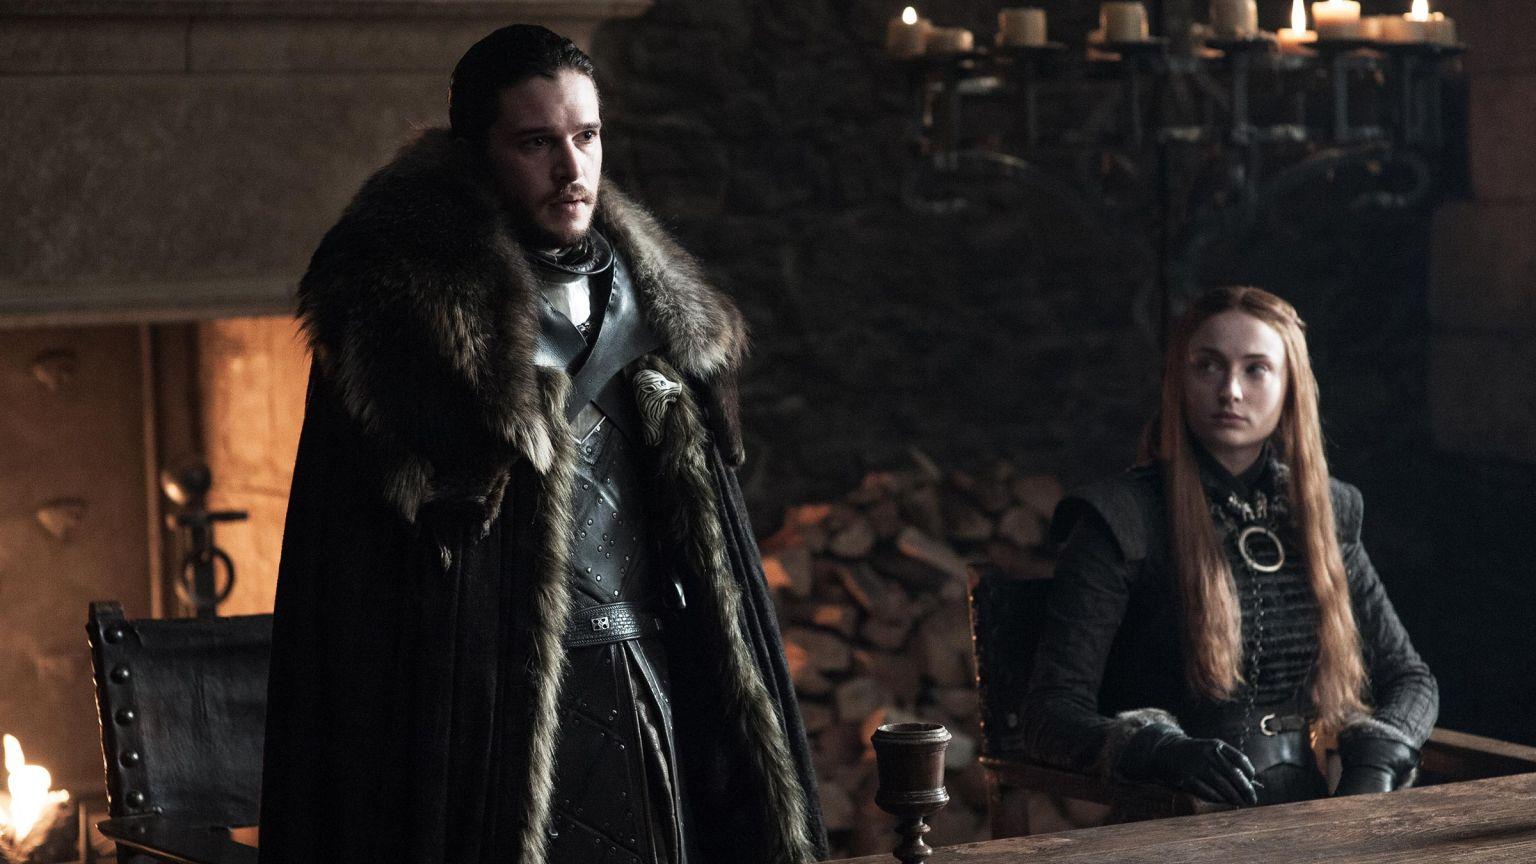 Kit Haringon as Jon Snow, Sophie Turner as Sansa Stark. Photo: Helen Sloan/HBO